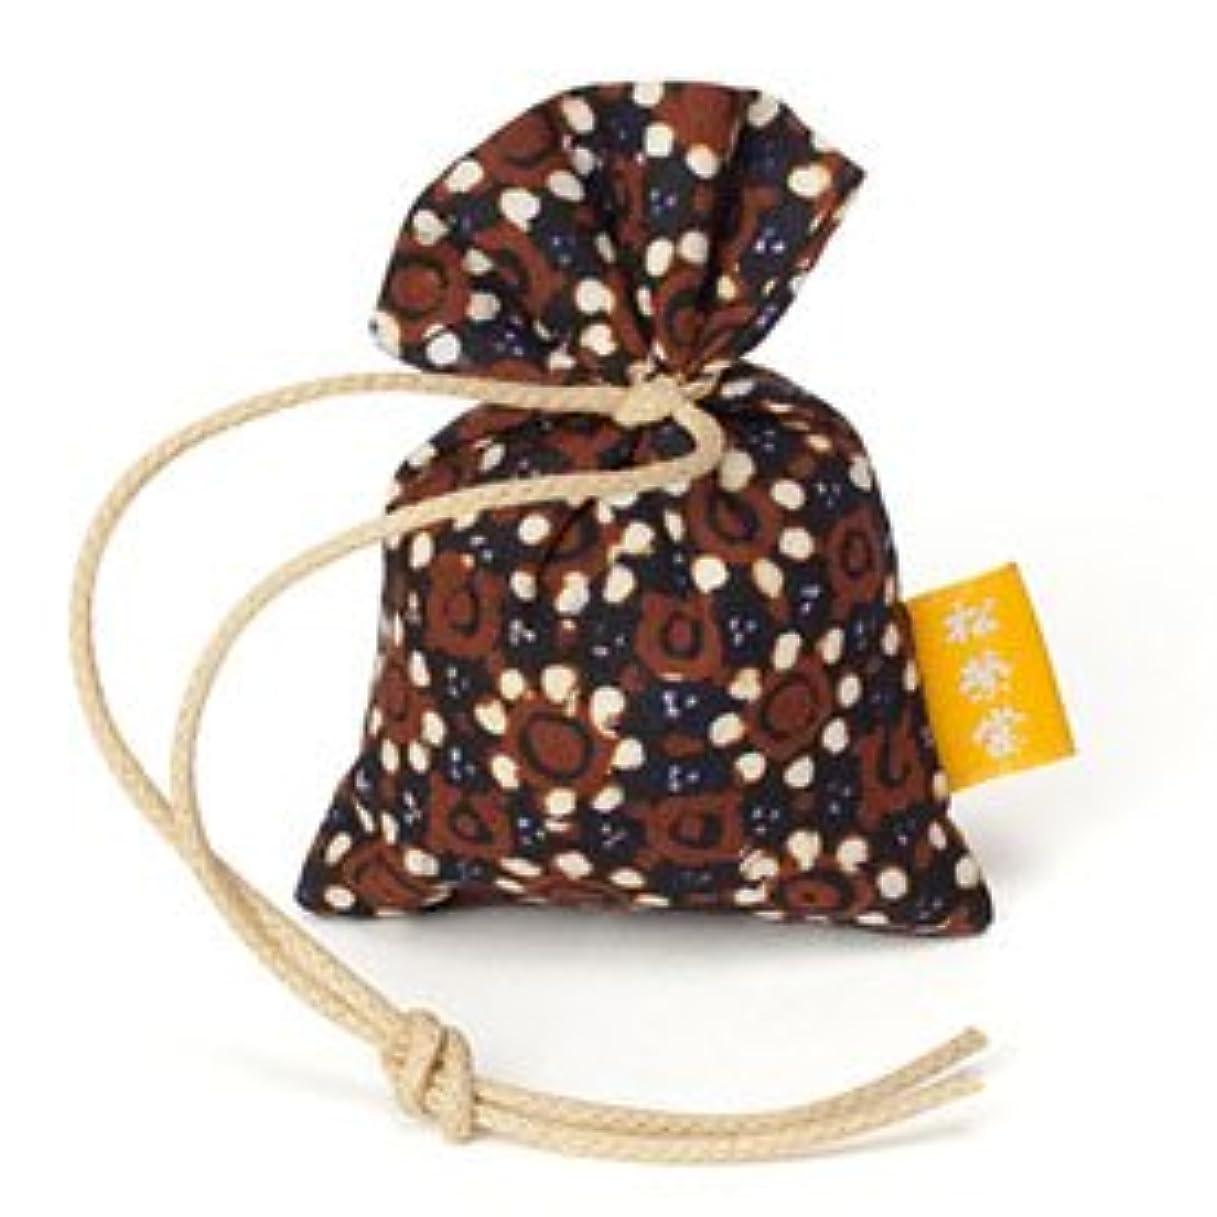 科学的刺繍ヘルパー匂い袋 誰が袖 渡 バティック わたる 1個入 松栄堂 Shoyeido 本体長さ60mm